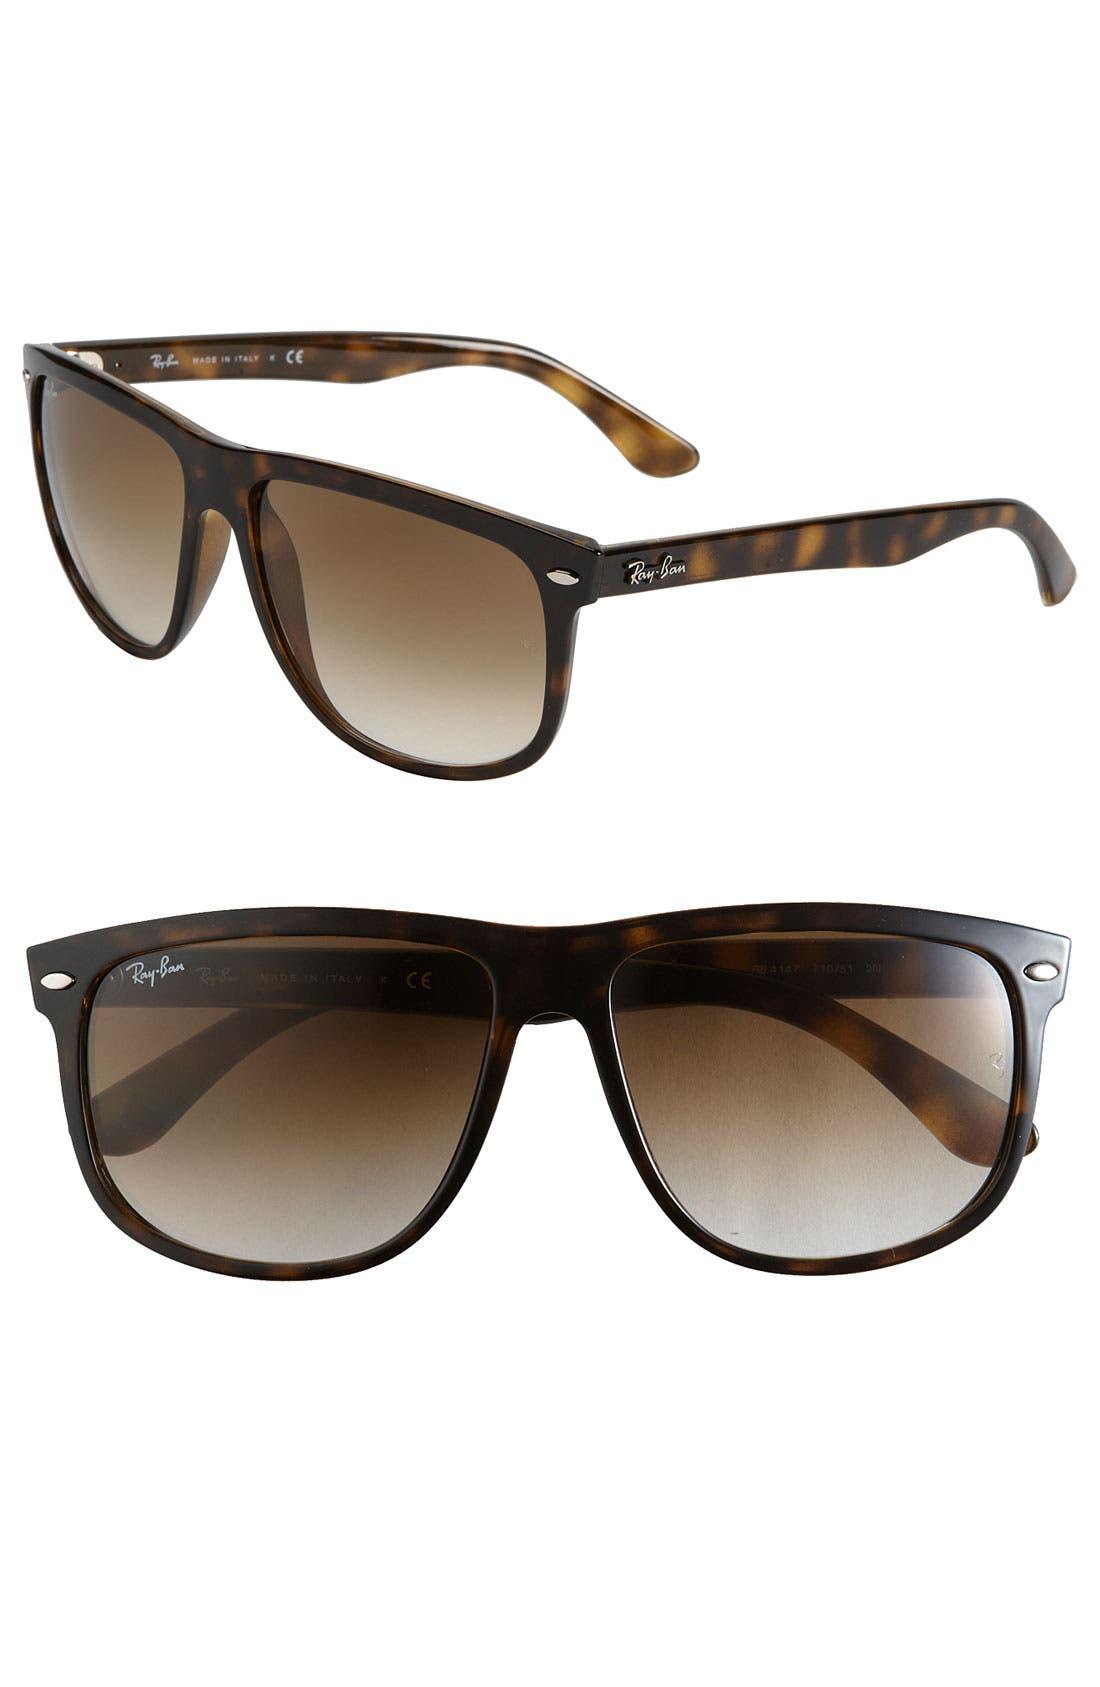 Boyfriend 60mm Flat Top Sunglasses,                             Main thumbnail 1, color,                             TORTOISE GRADIENT